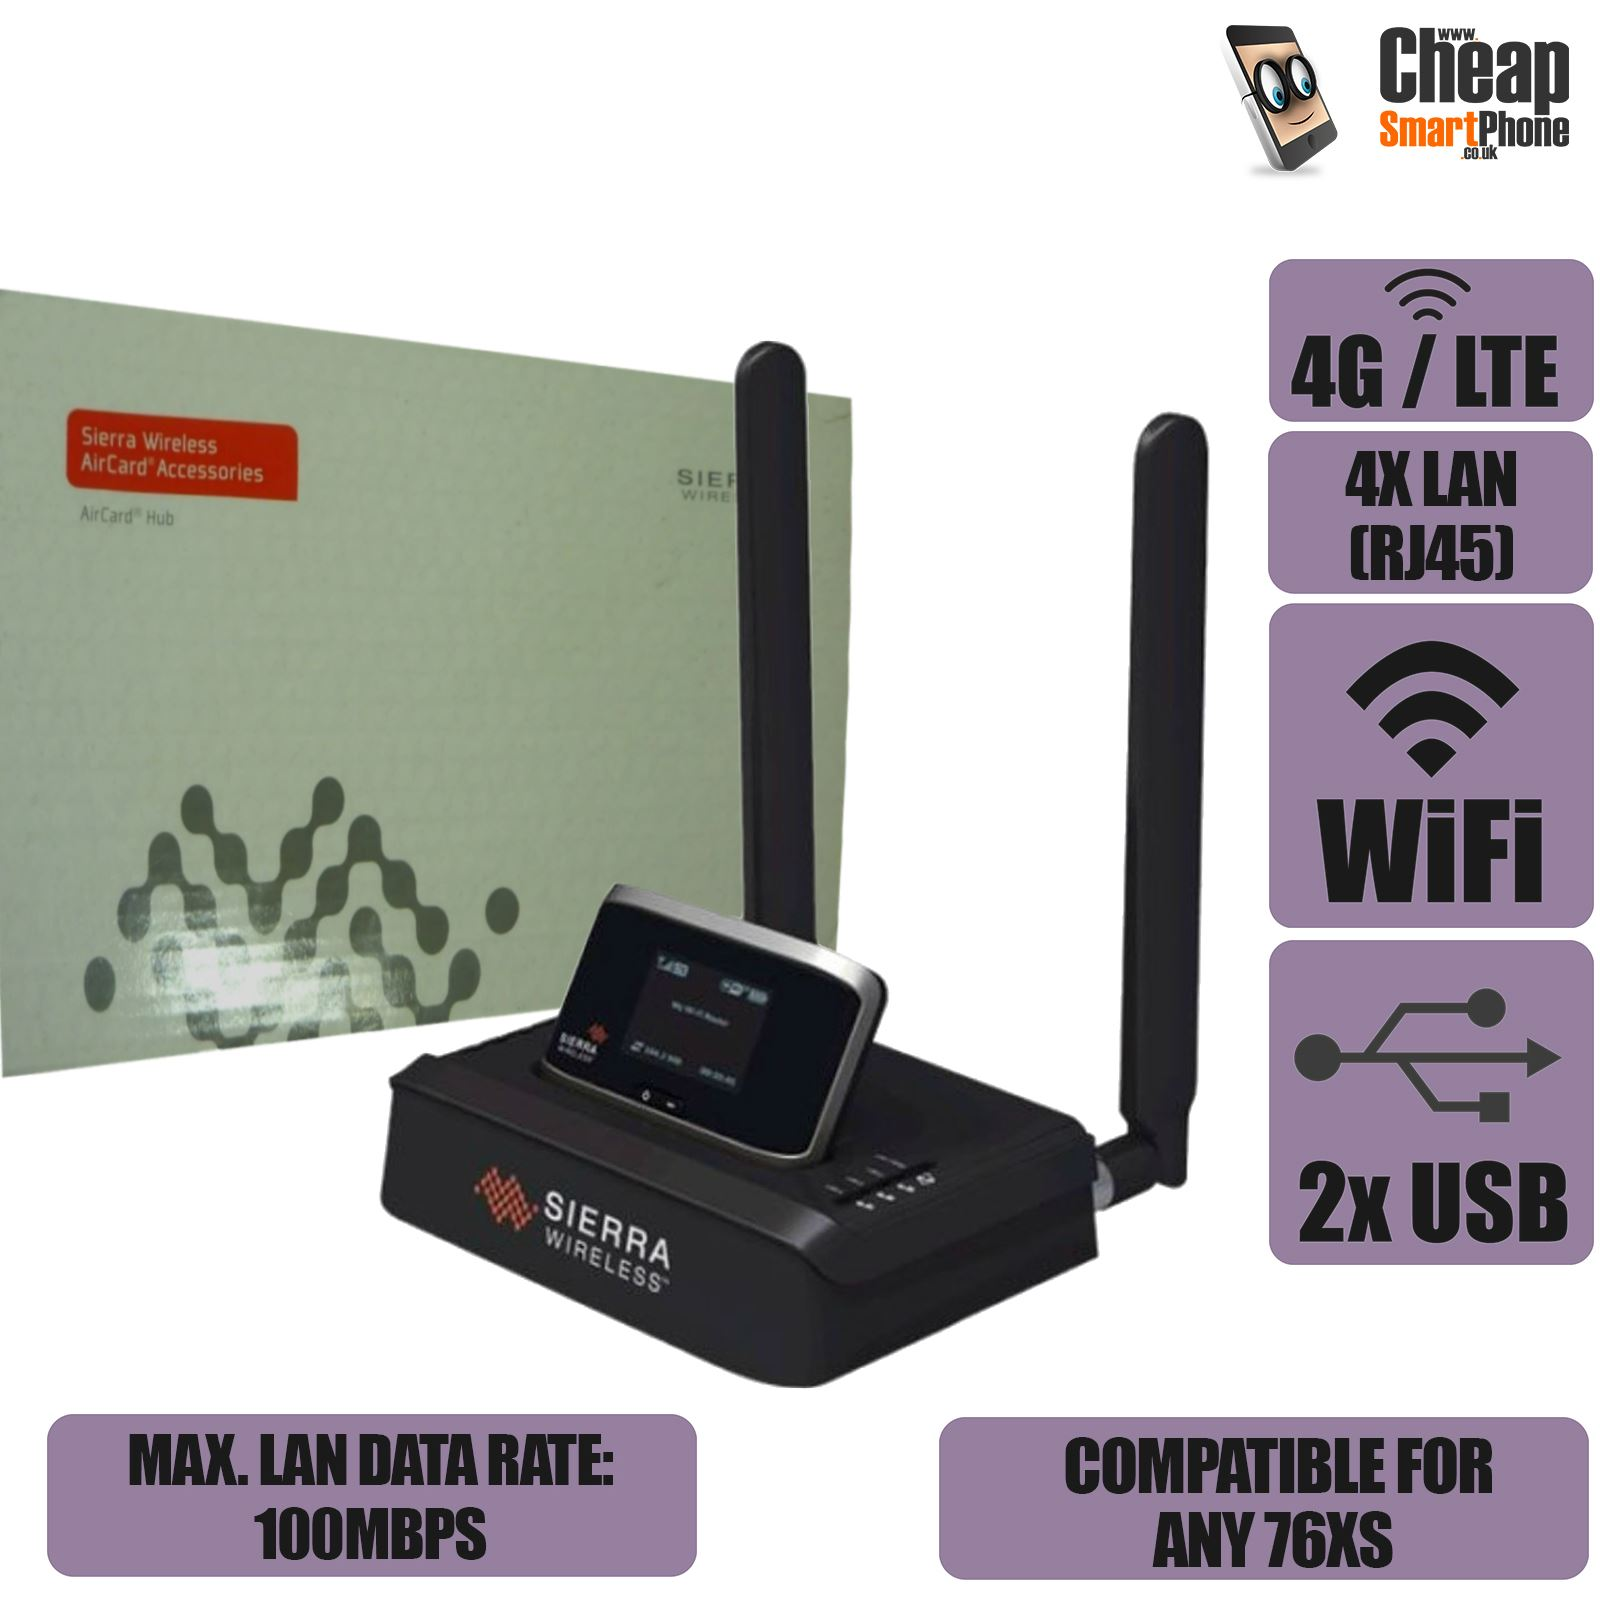 sierra wireless aircard hub manual